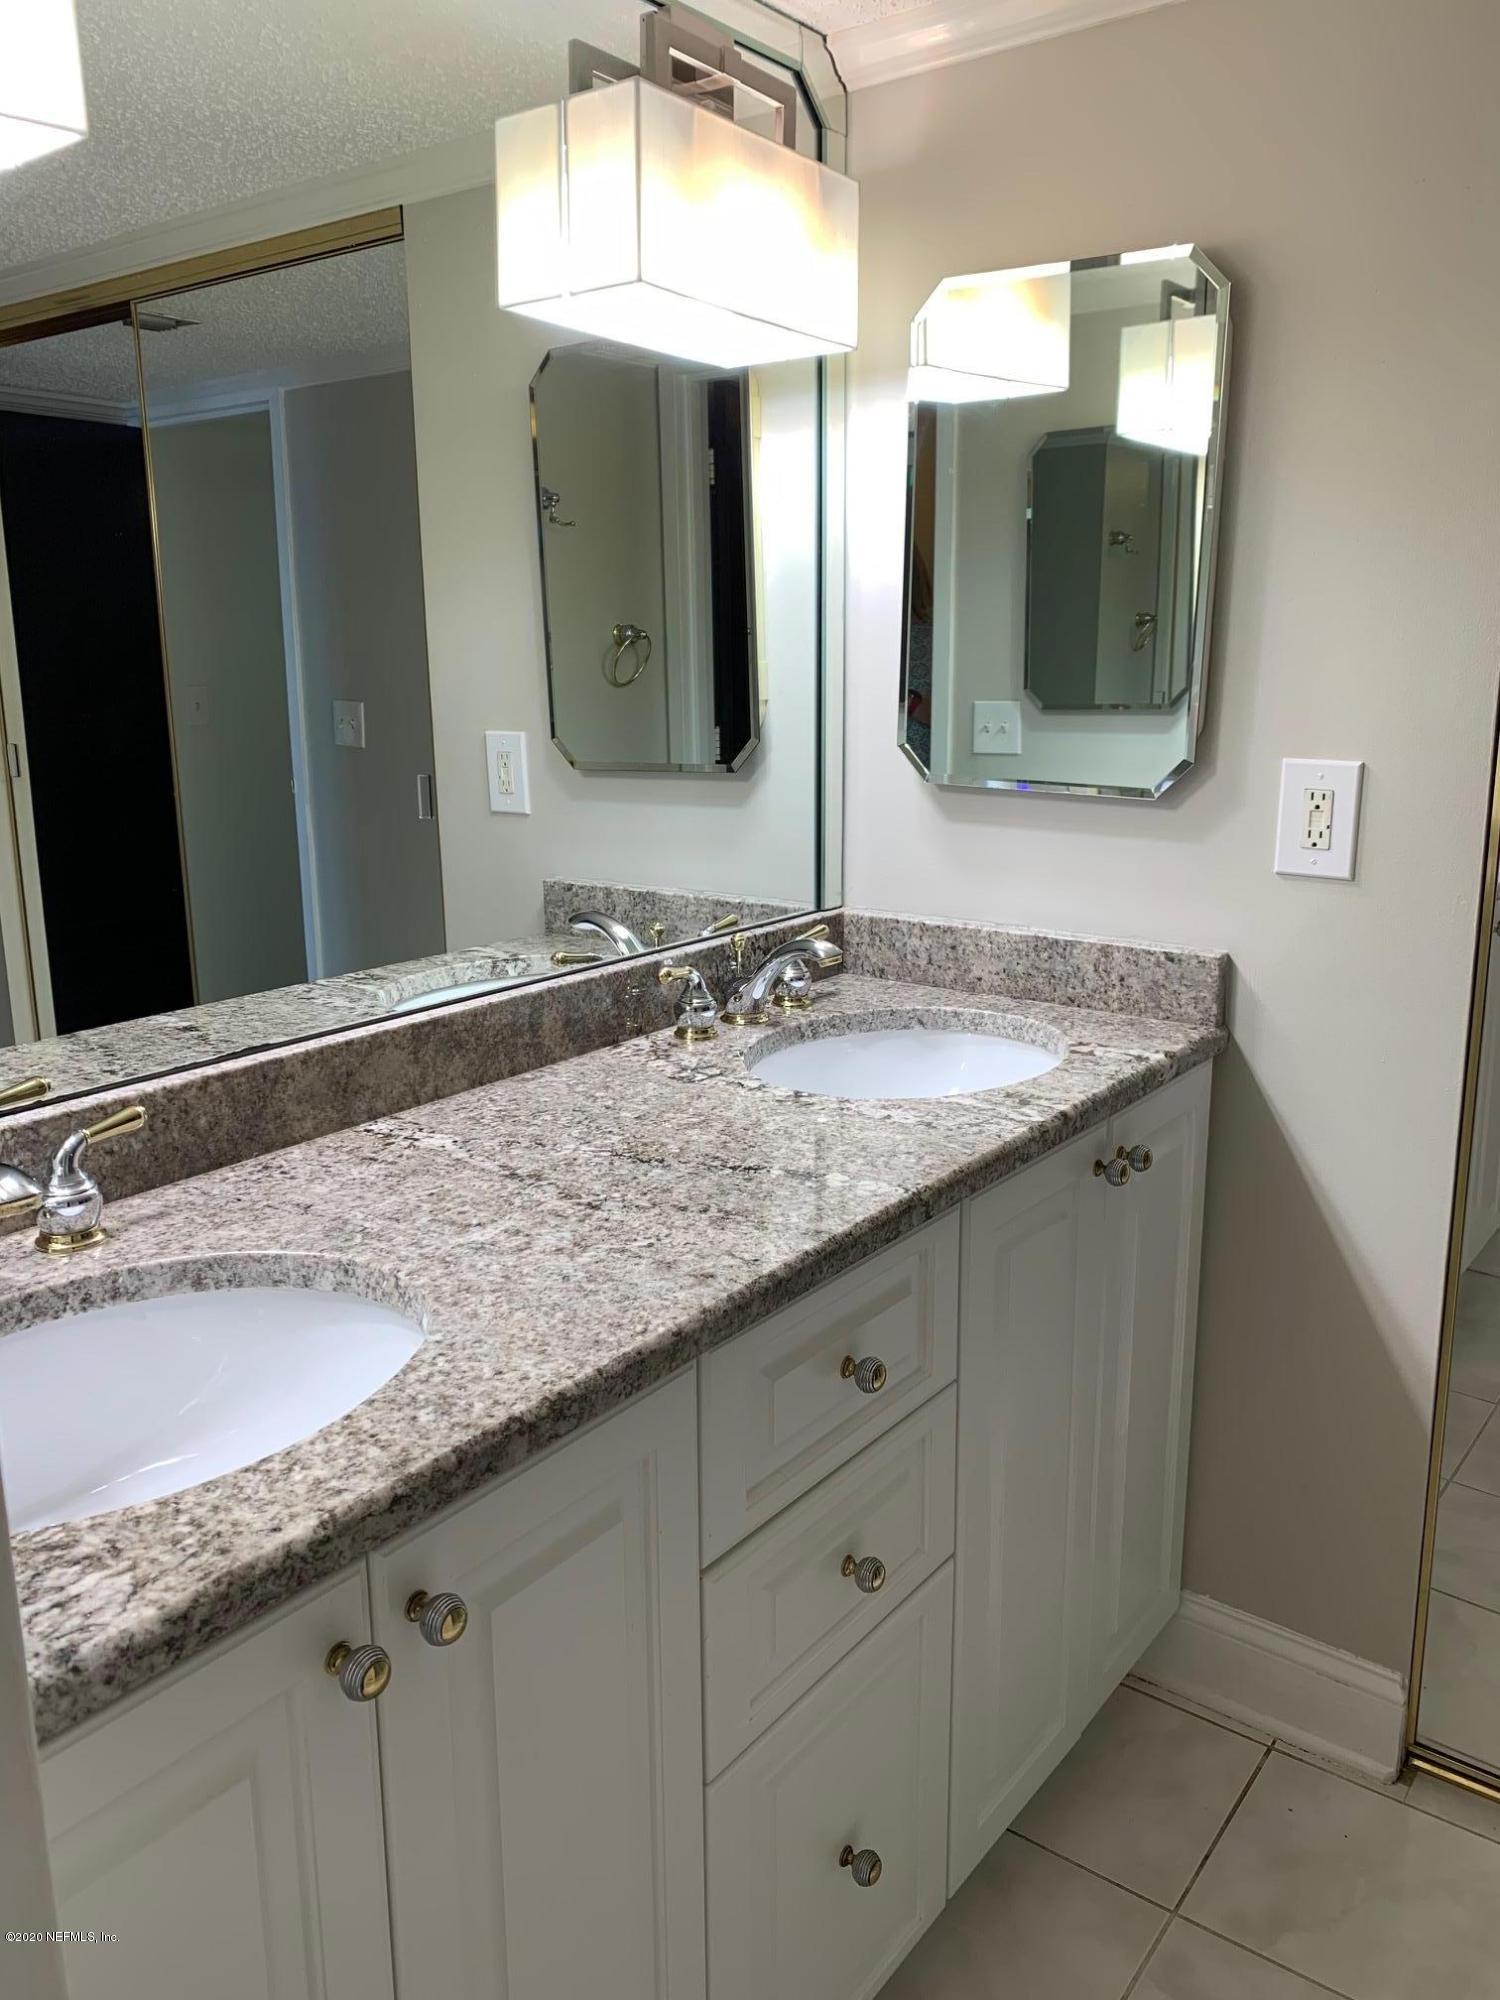 2100 OCEAN, JACKSONVILLE BEACH, FLORIDA 32250, 3 Bedrooms Bedrooms, ,2 BathroomsBathrooms,Residential,For sale,OCEAN,1081529